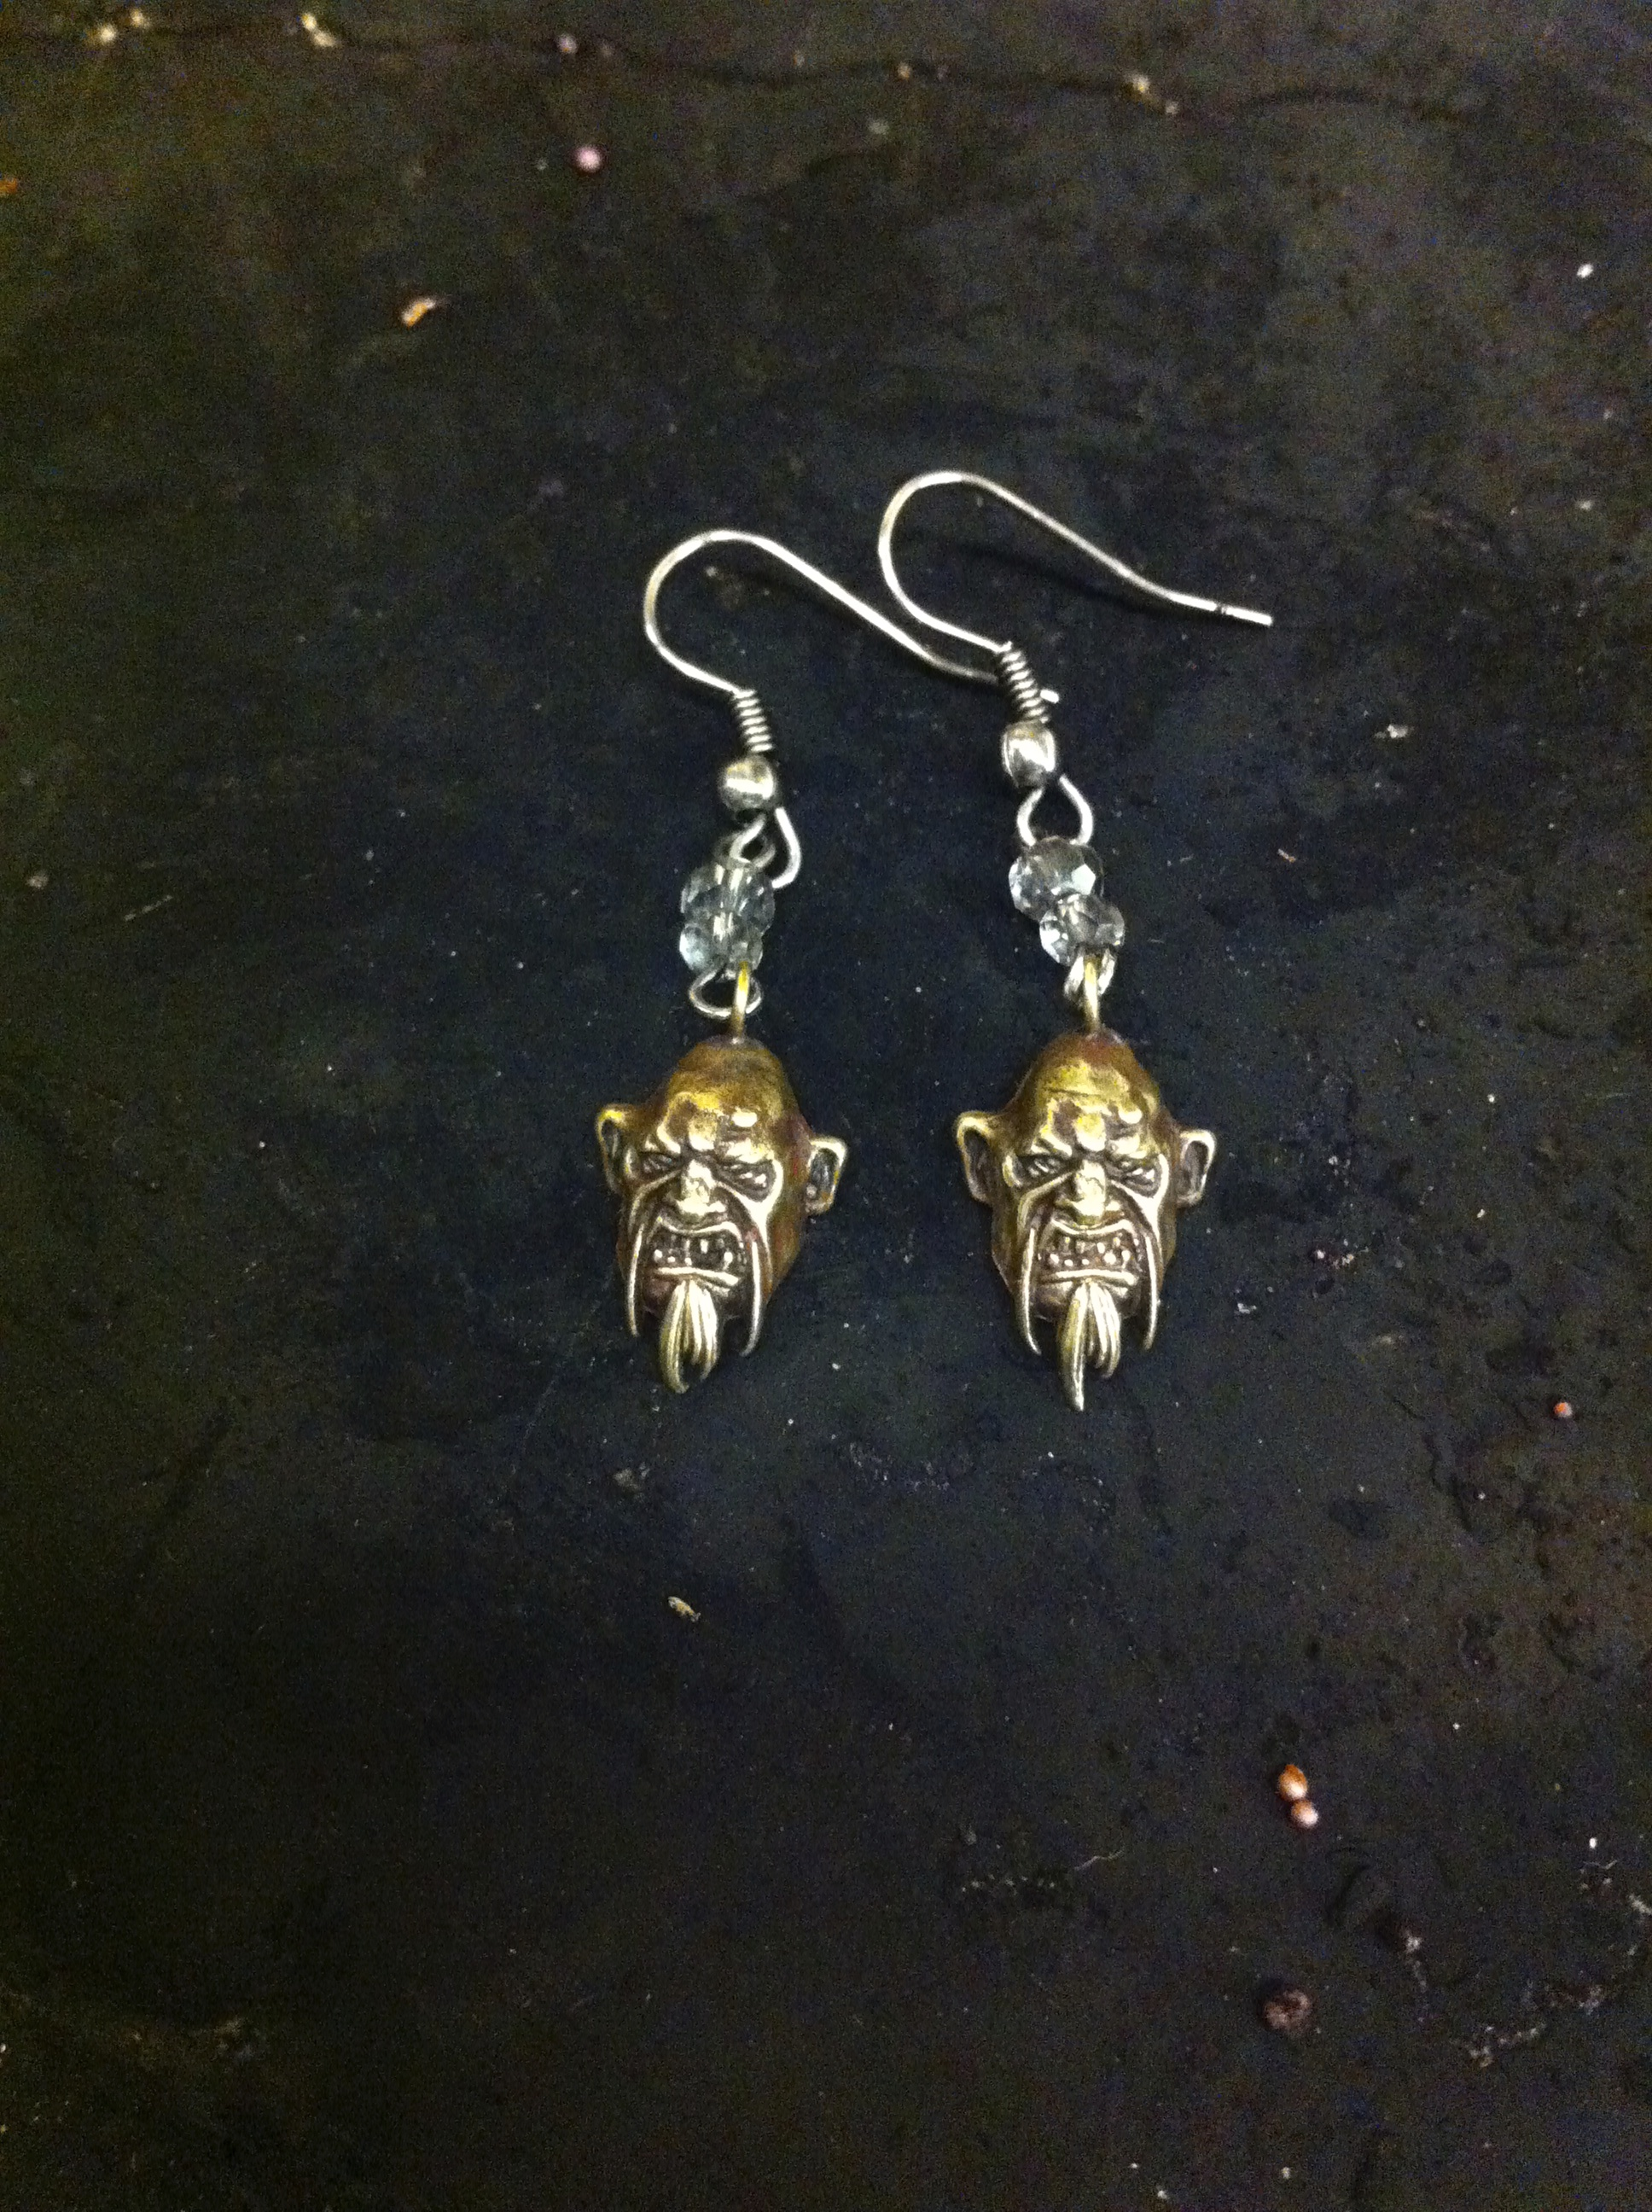 6. Office etiqutte earrings